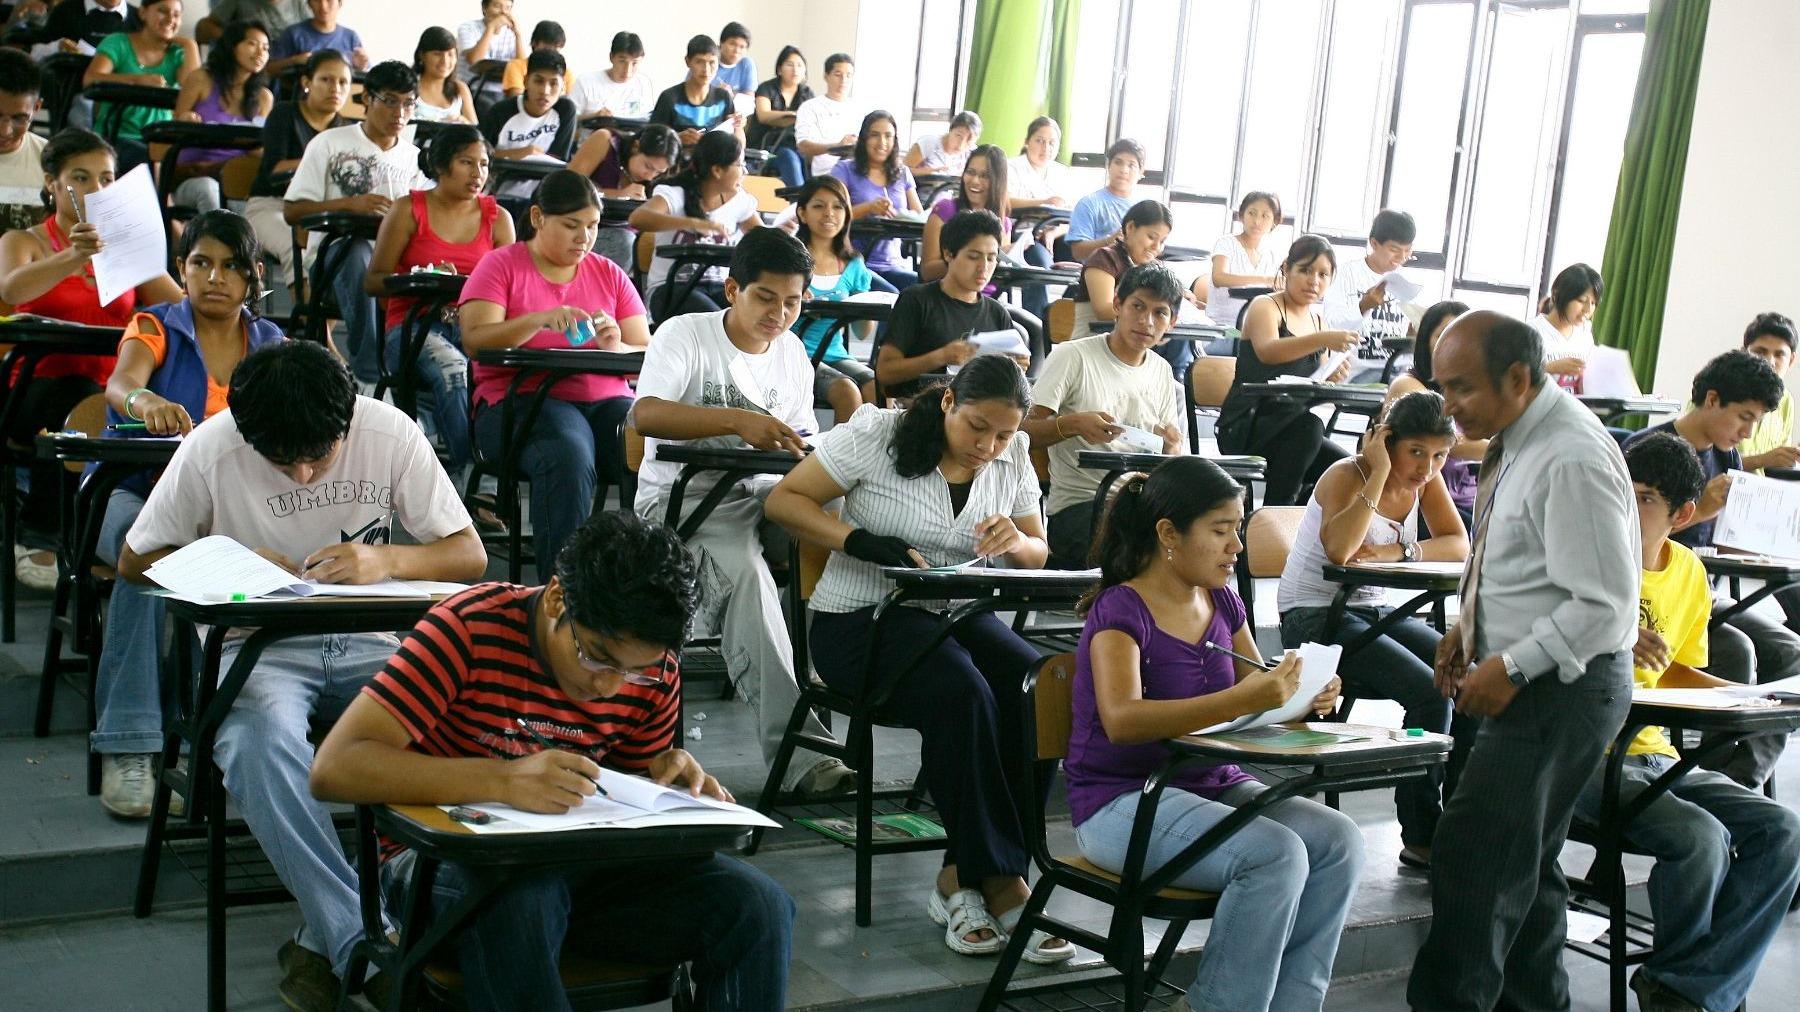 La Sunedu está encargada del licenciamiento y supervisión del servicio educativo superior universitario.